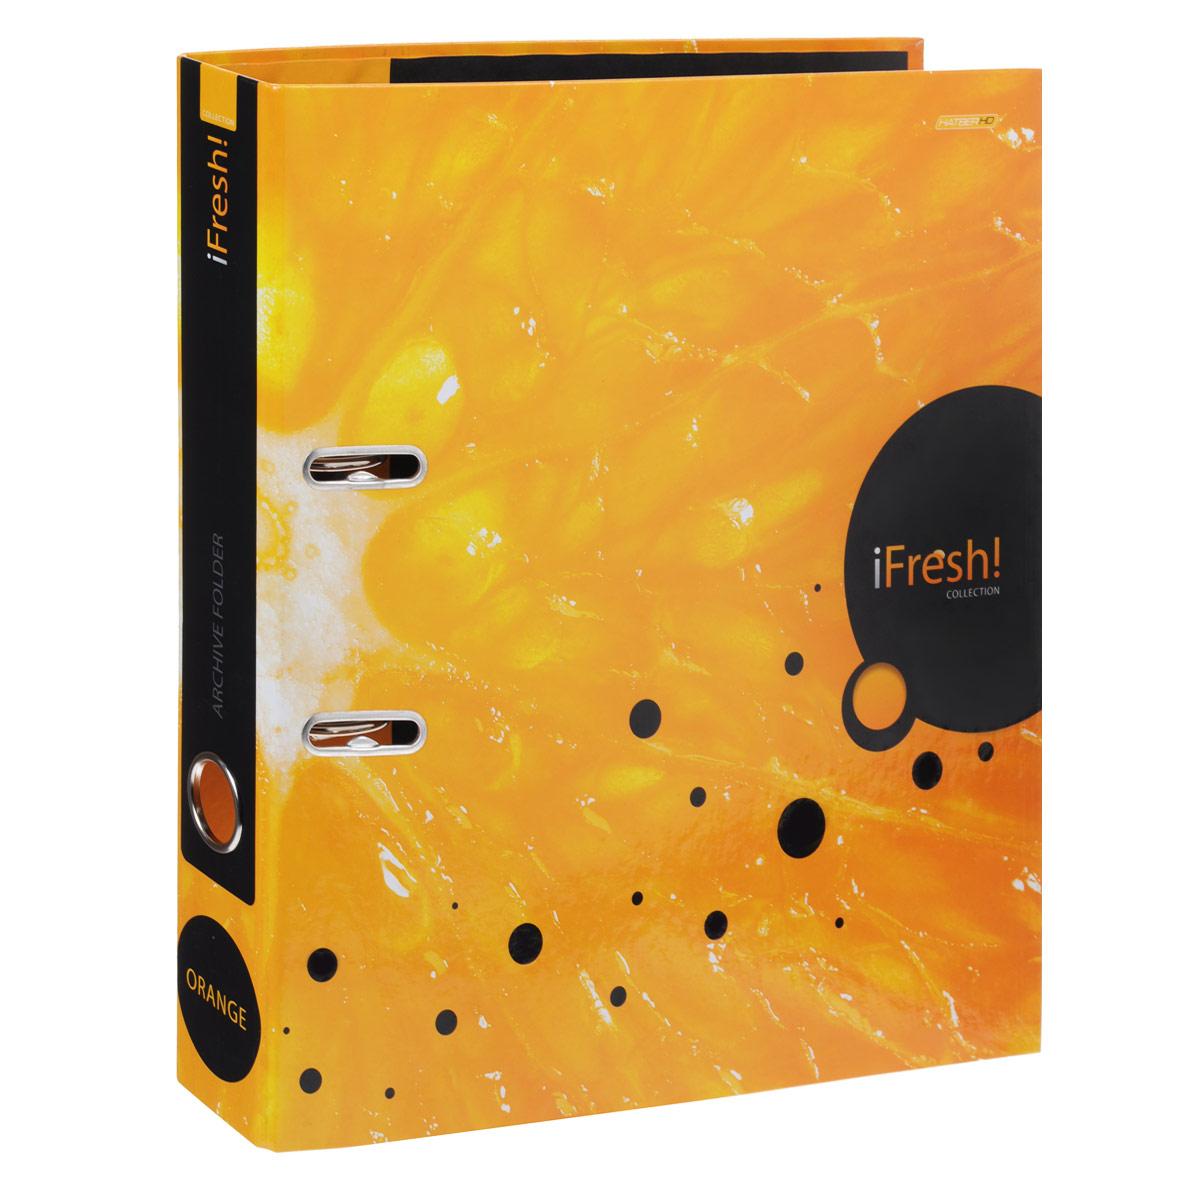 Папка-регистратор Hatber iFresh!: Апельсин, цвет: оранжевыйK13520Красочная папка-регистратор Hatber iFresh!: Апельсин пригодится в каждом офисе и доме для хранения больших объемов документов. Внешняя сторона папки выполнена из плотного ламинированного картона и оформлена увеличенным изображением сердцевины апельсина.Папка-регистратор оснащена надежным арочным механизмом крепления бумаги. Круглое отверстие в корешке папки облегчит ее извлечение с полки. Ширина корешка 5 см.